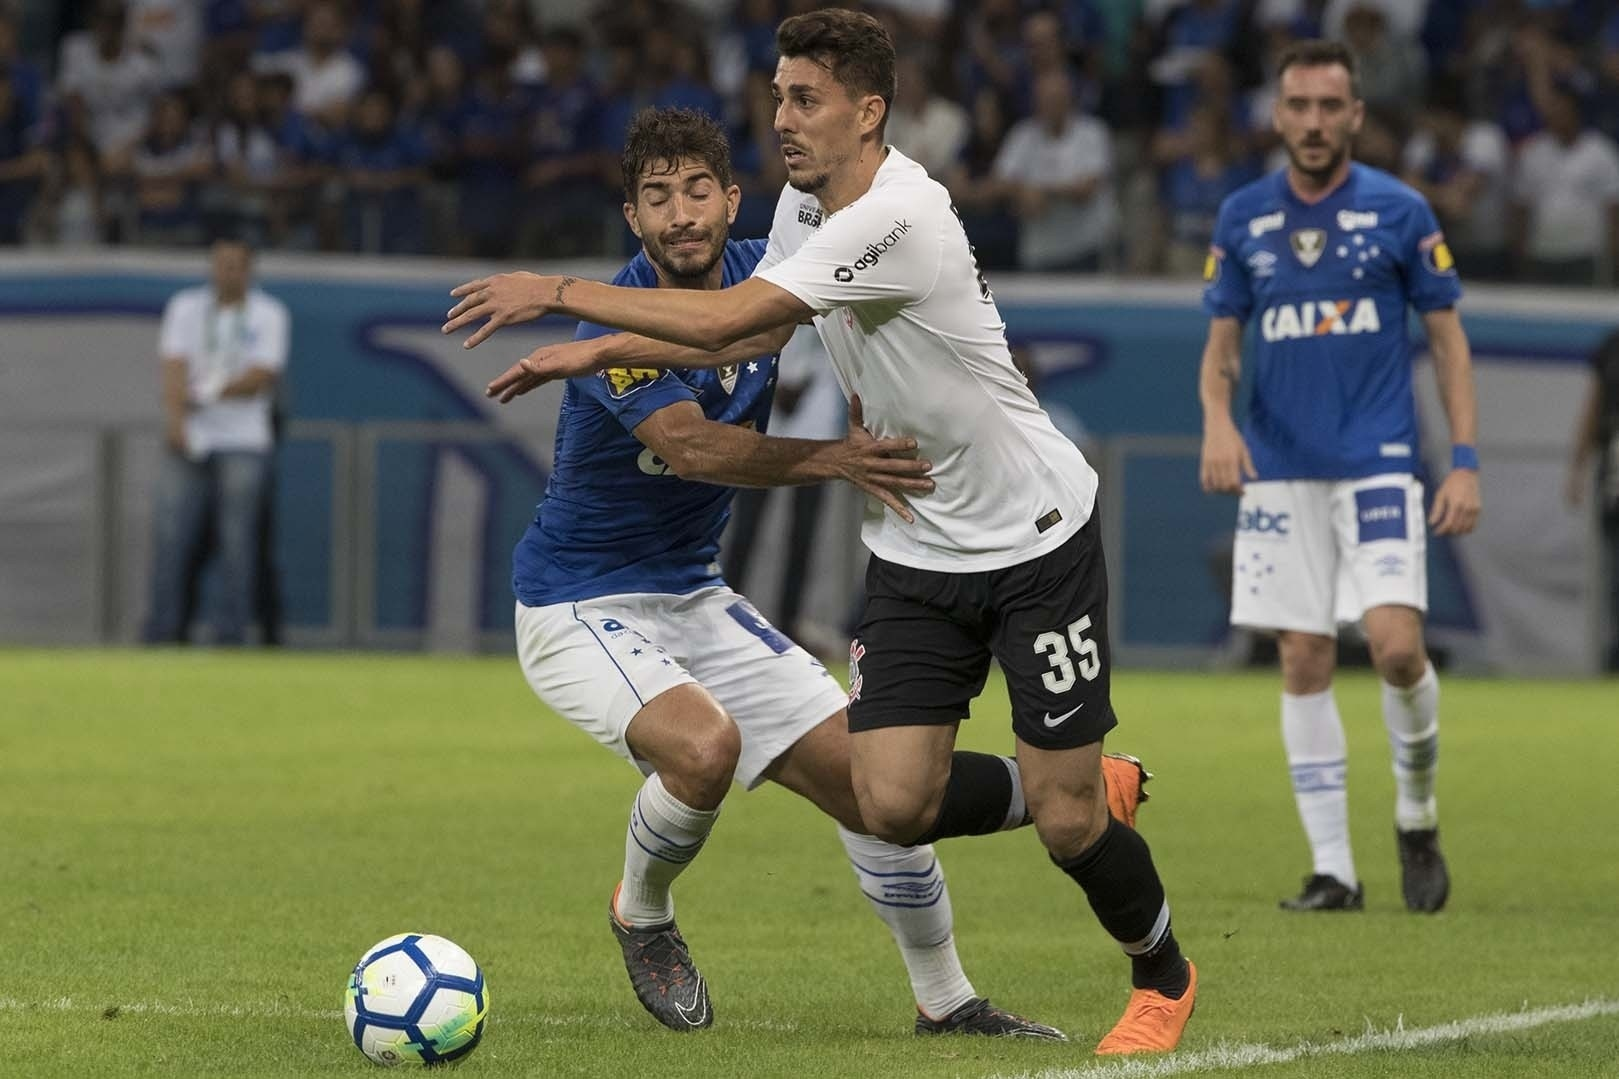 f25499198f Corinthians terá dois novos titulares no jogo contra o Grêmio  veja o time  - Esporte - BOL